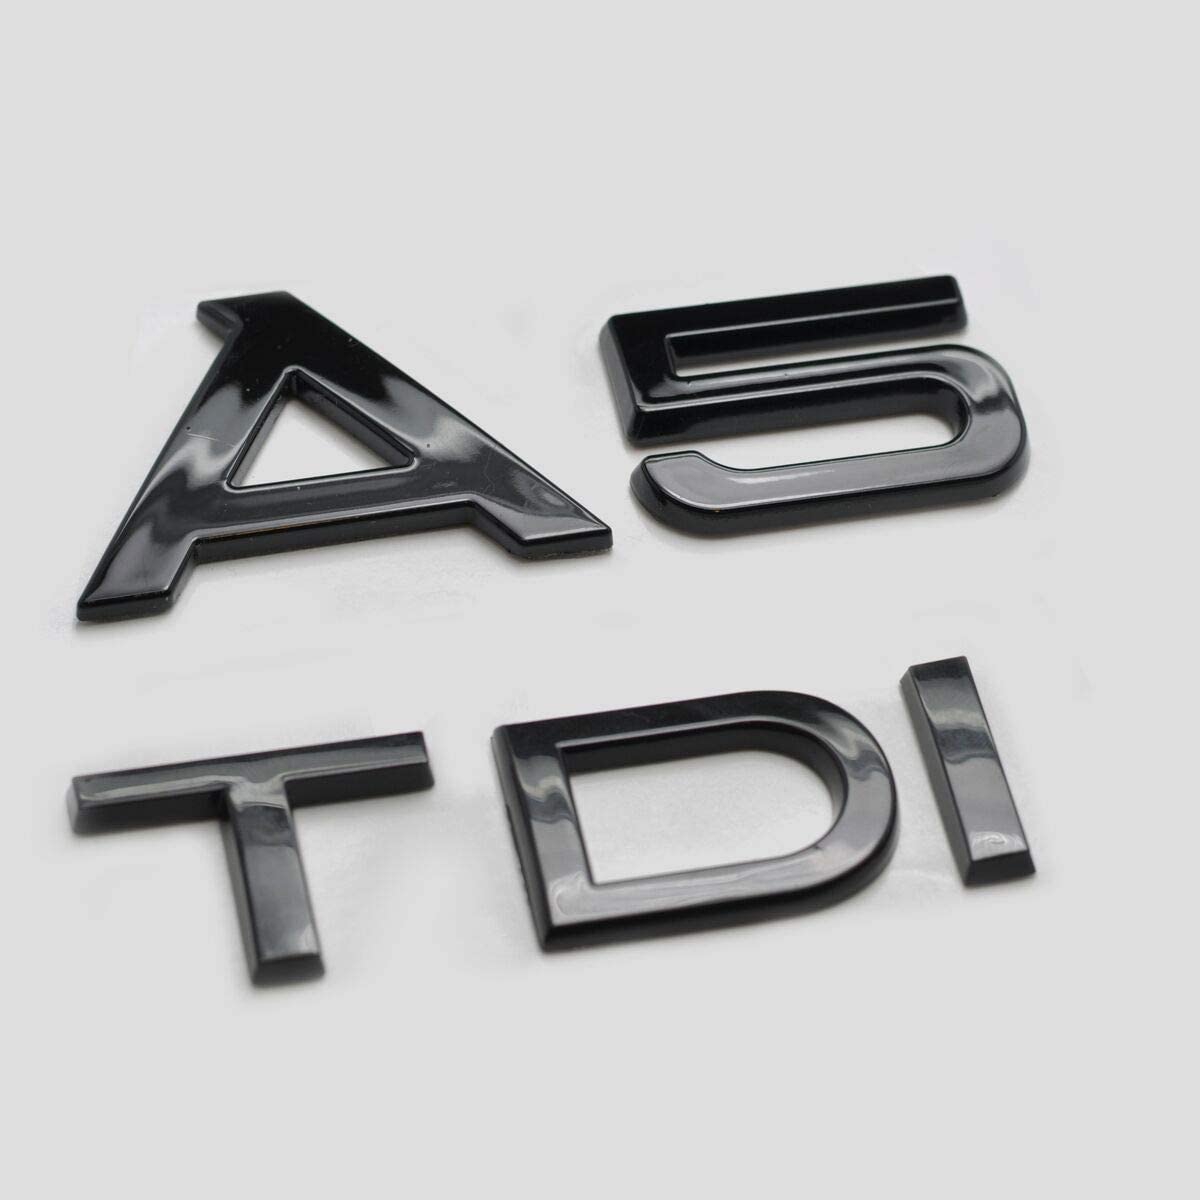 Noir Brillant A5 TDI Caract/ères Nombres Lettres Arri/ère Couvercle de Coffre Badge Embl/ème Compatible Pour A5 Mod/èles